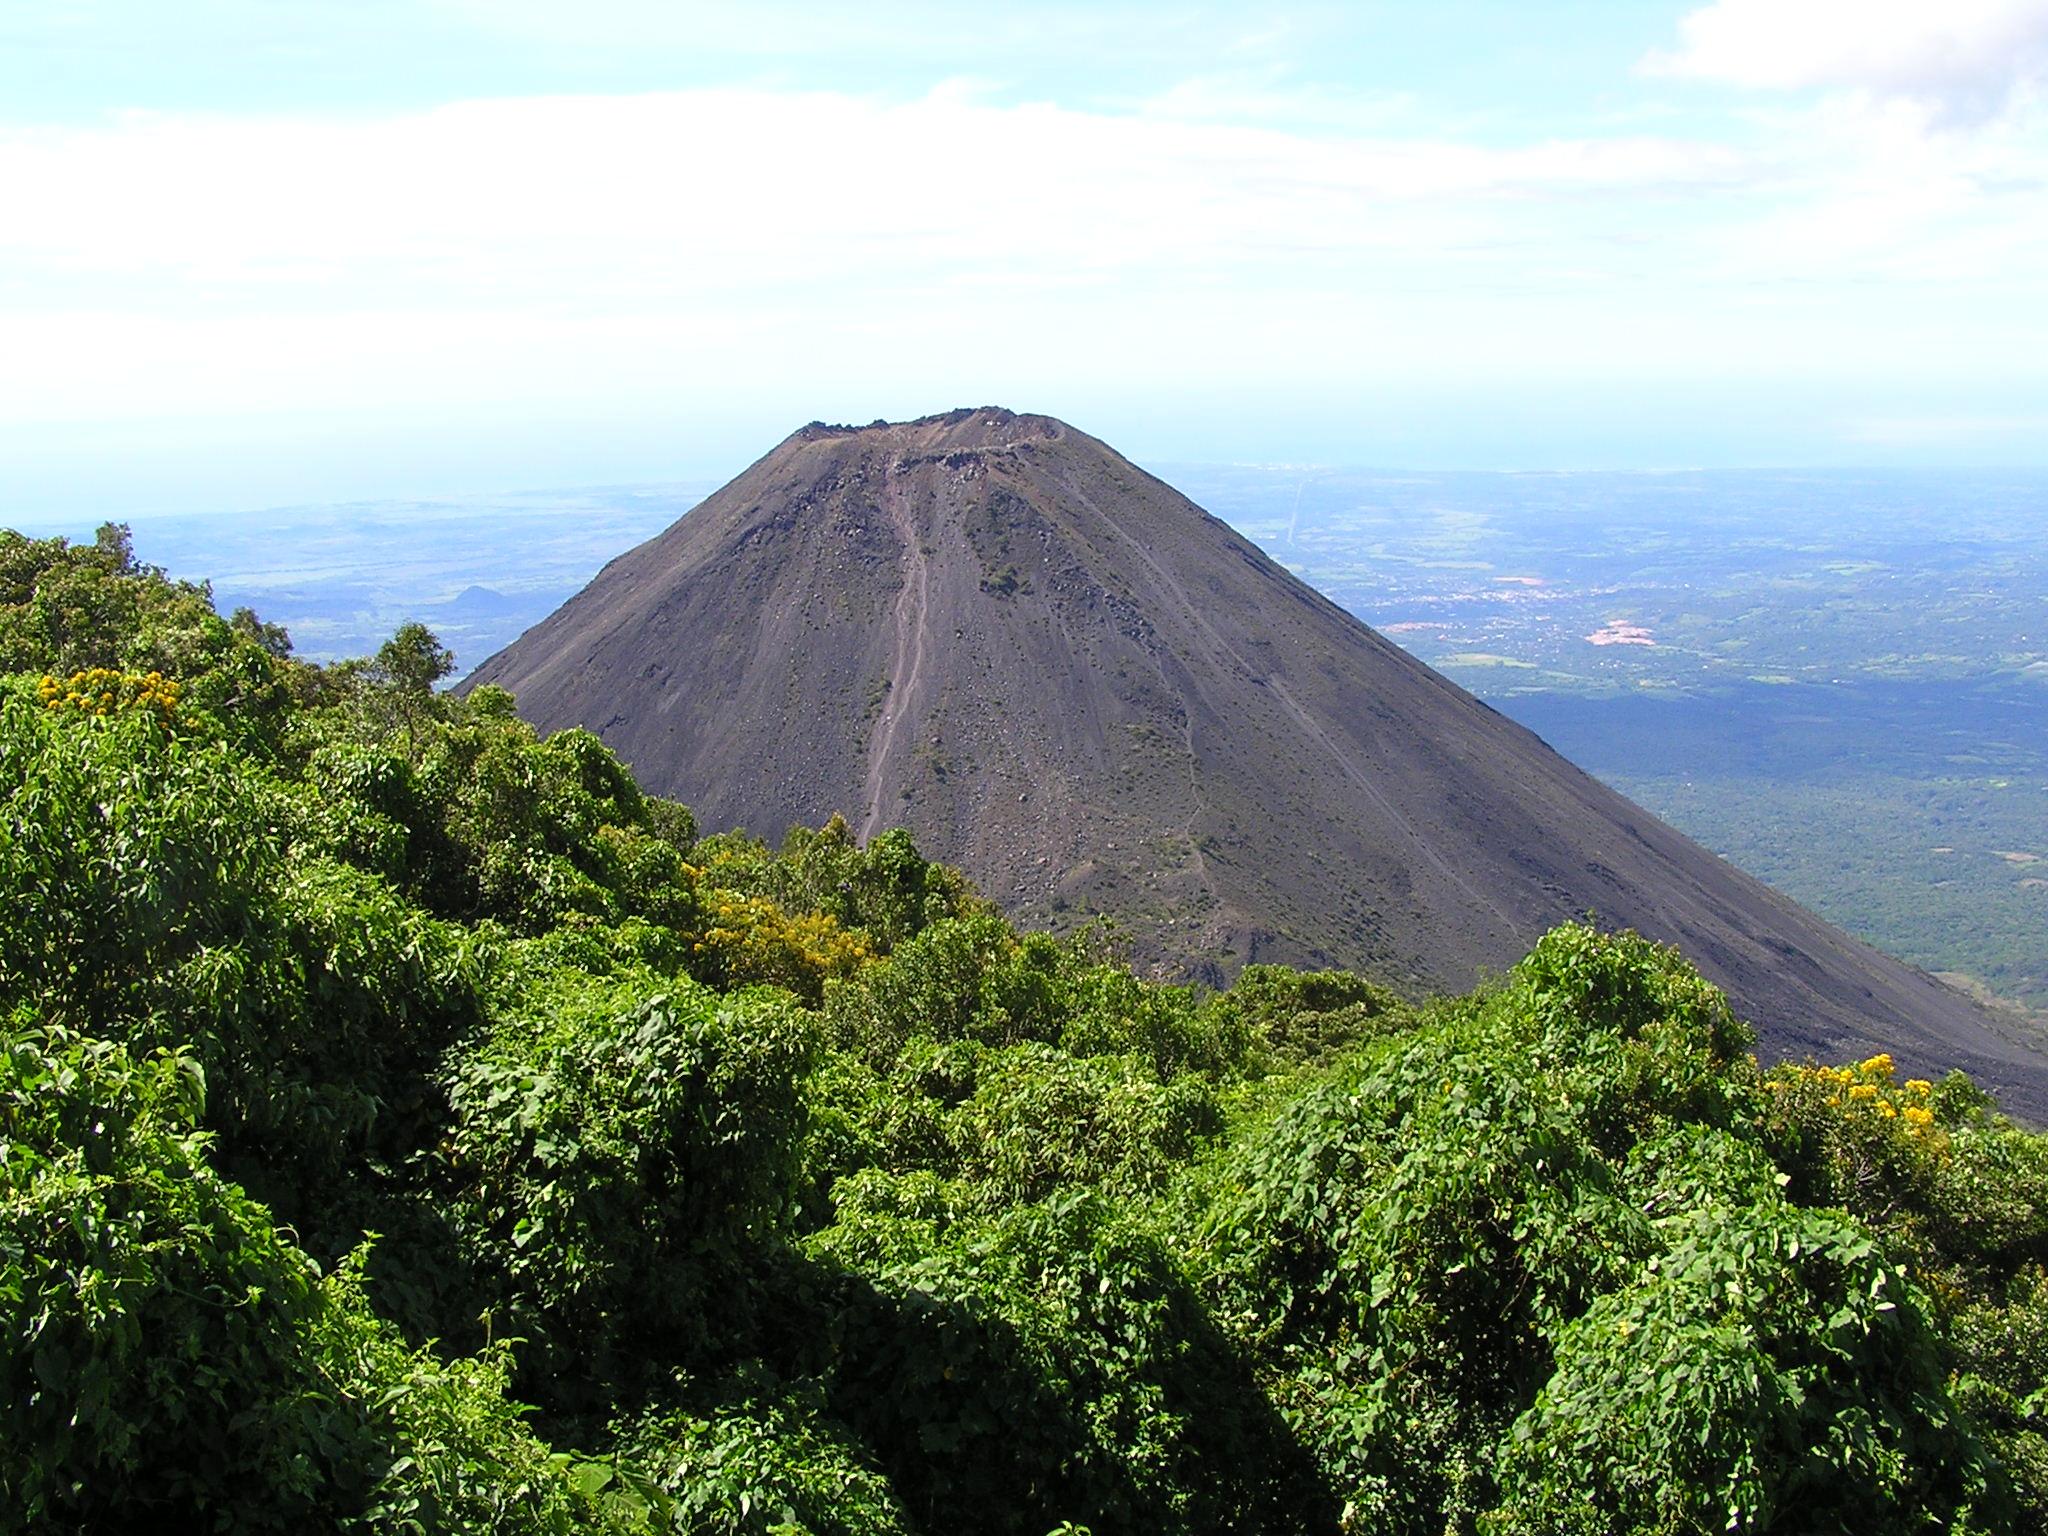 Alta susceptibilidad a deslizamientos en las zonas del volcán de Santa Ana y del volcán de Apaneca